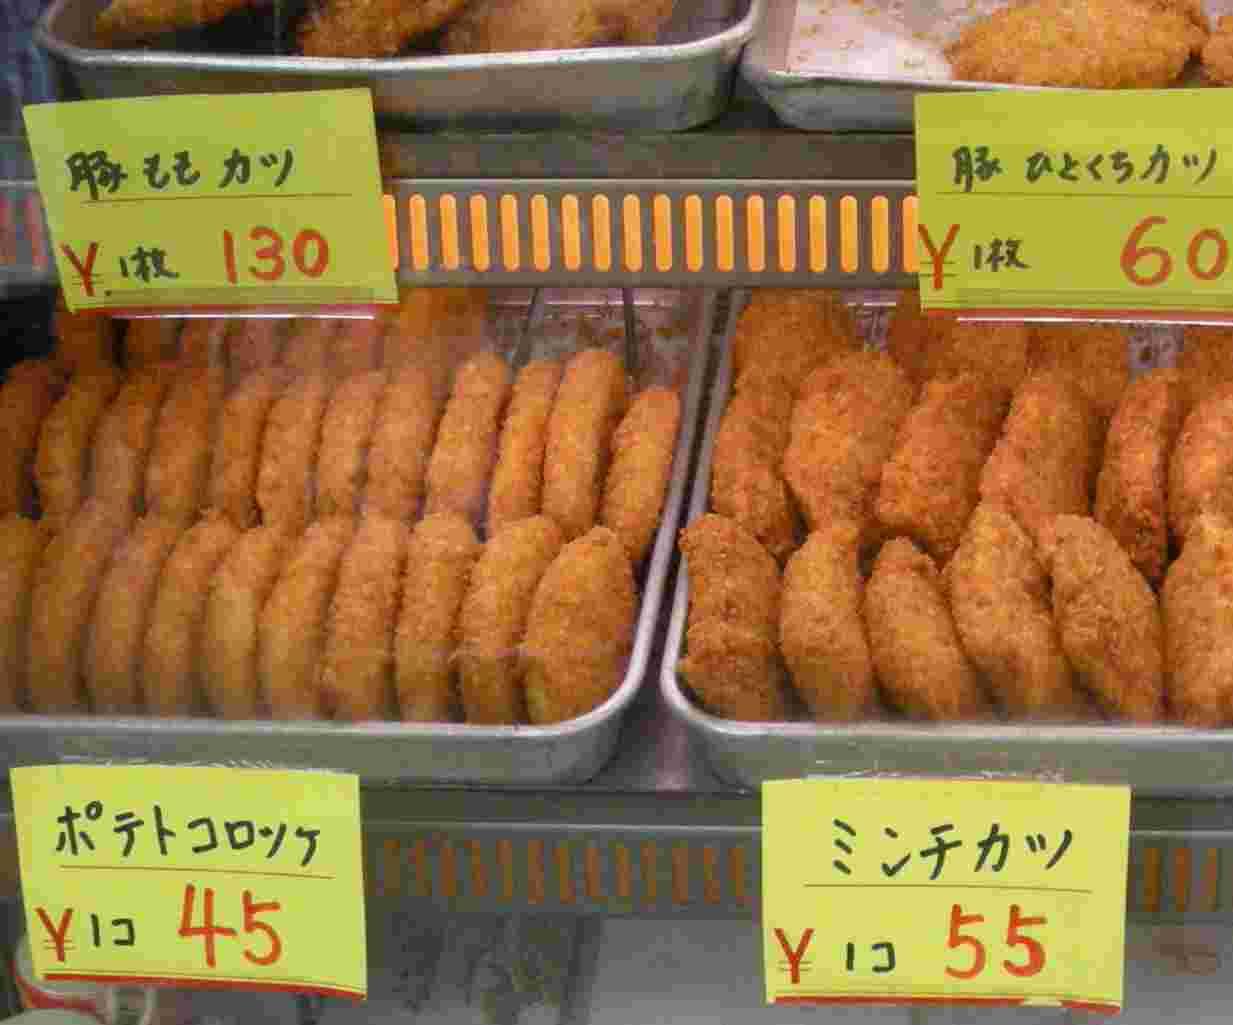 お肉屋さんでお肉買いますか?